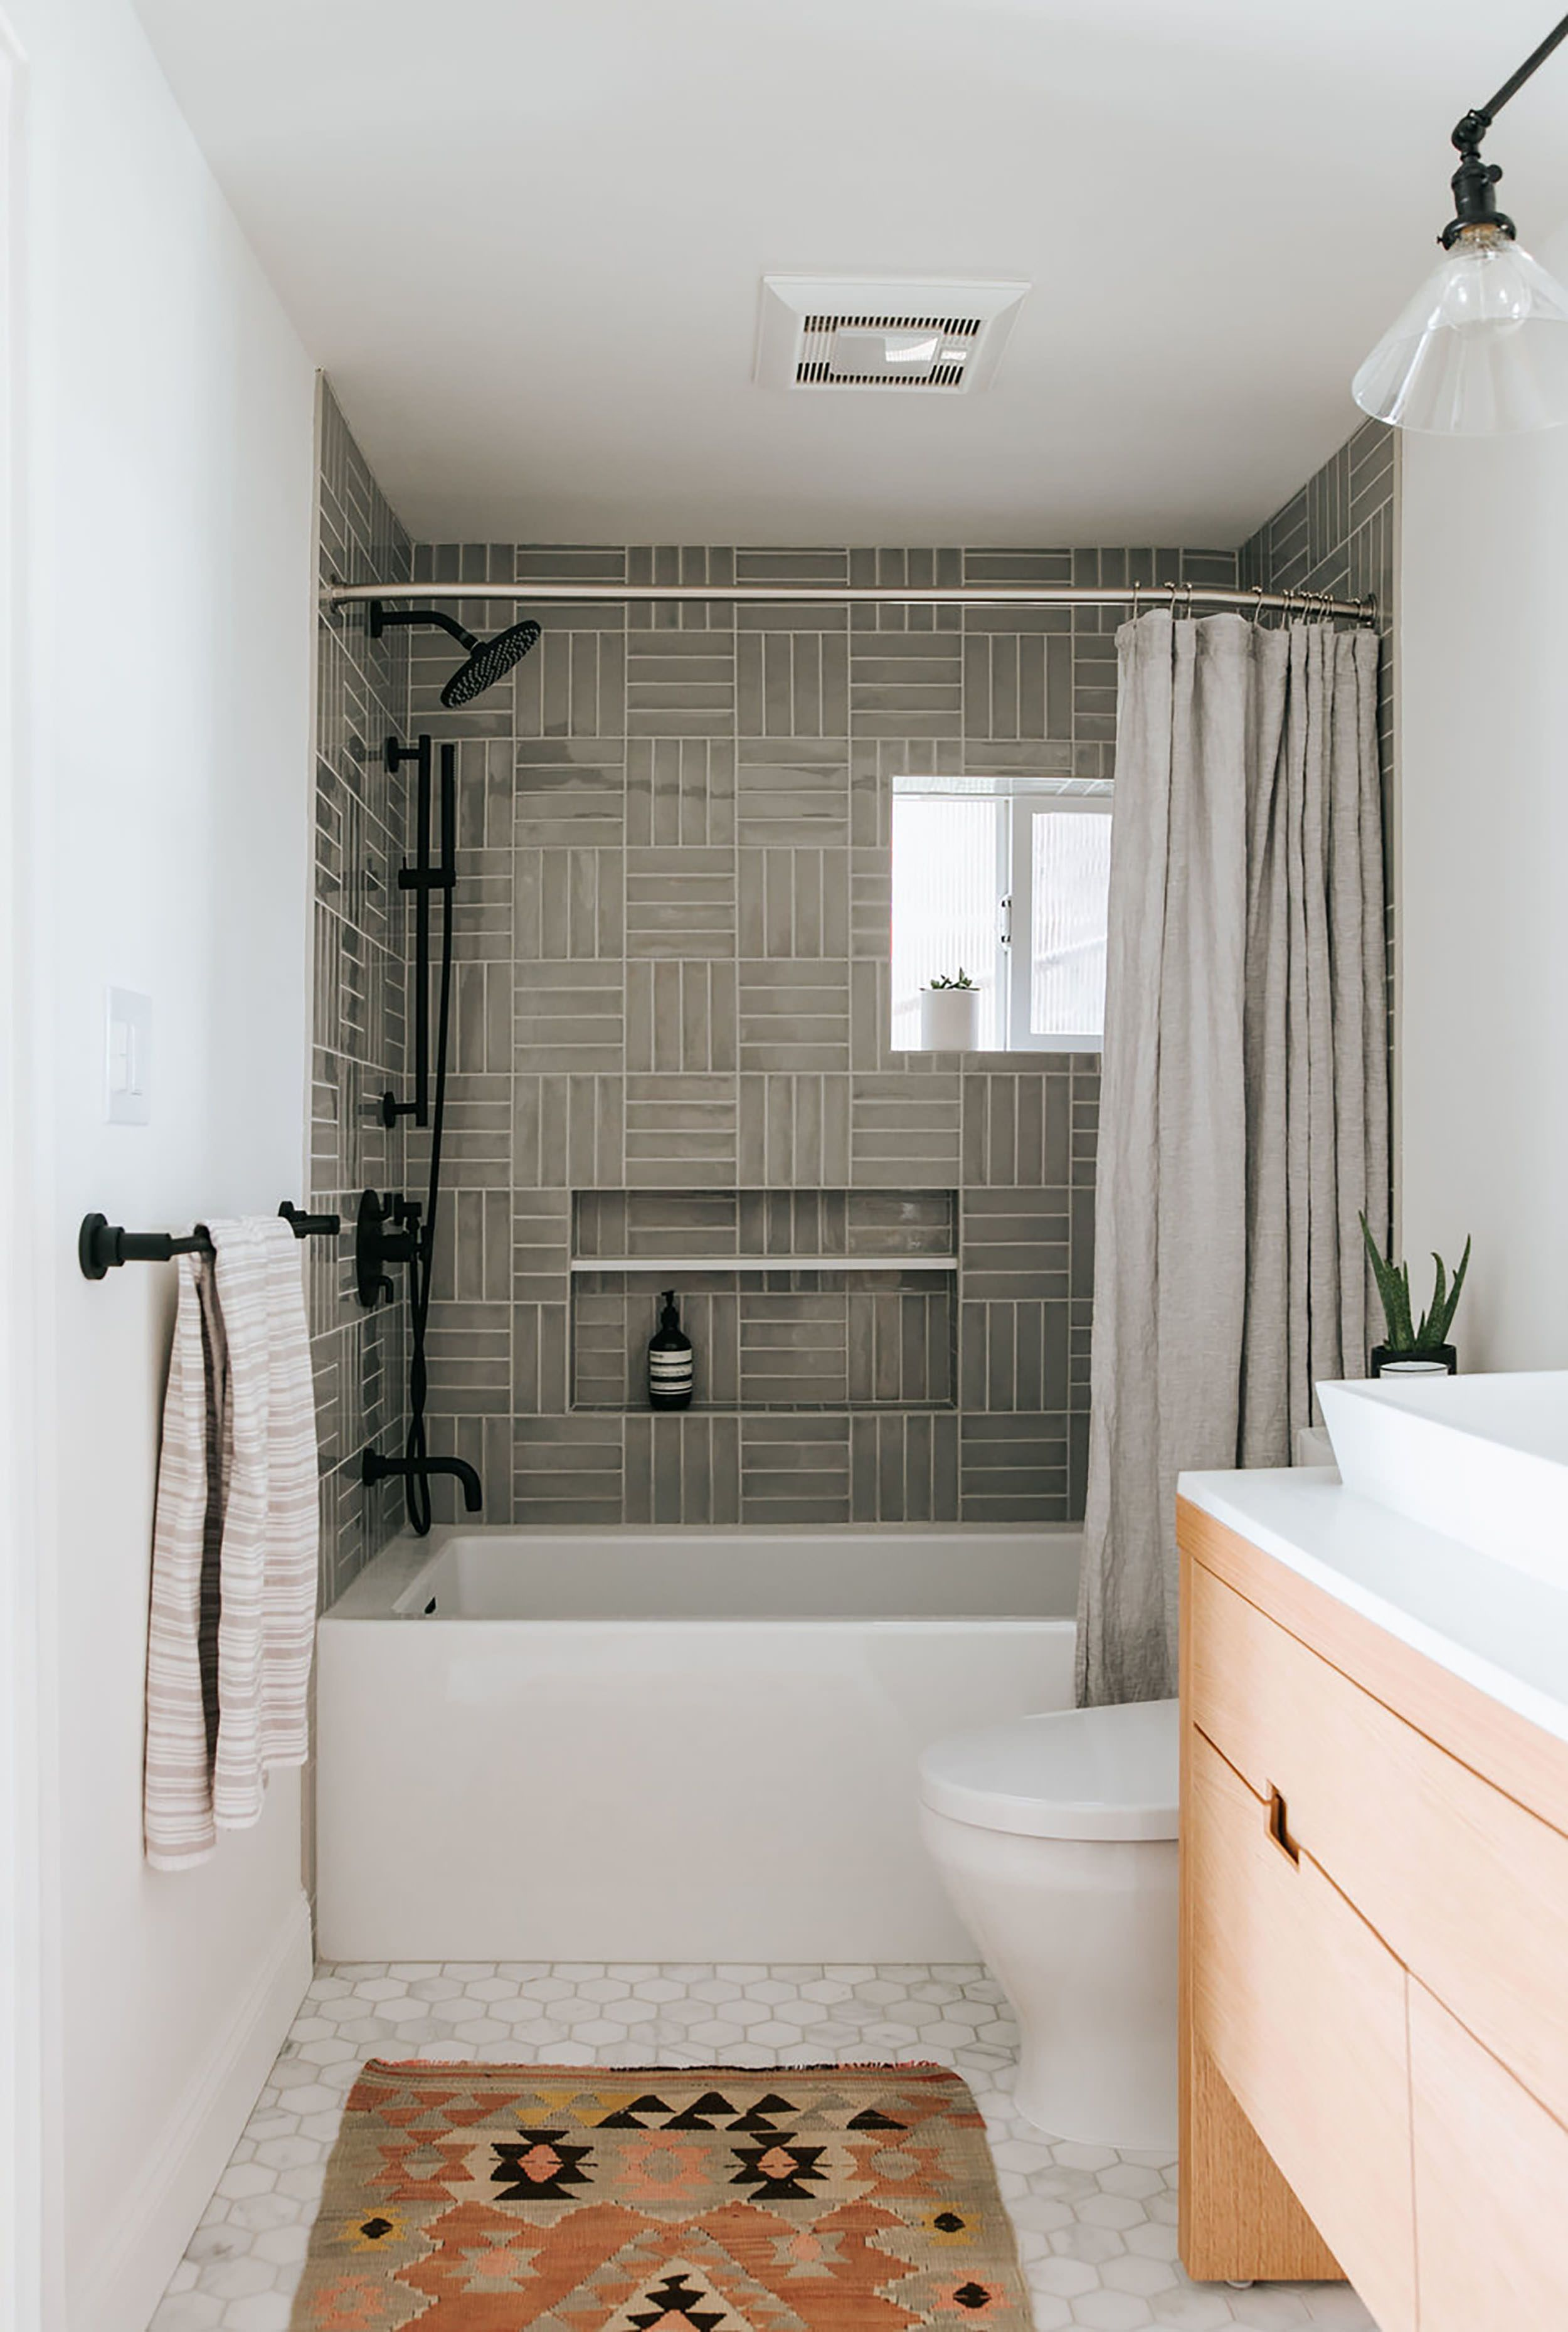 3x12 Subway Tile Bathroom